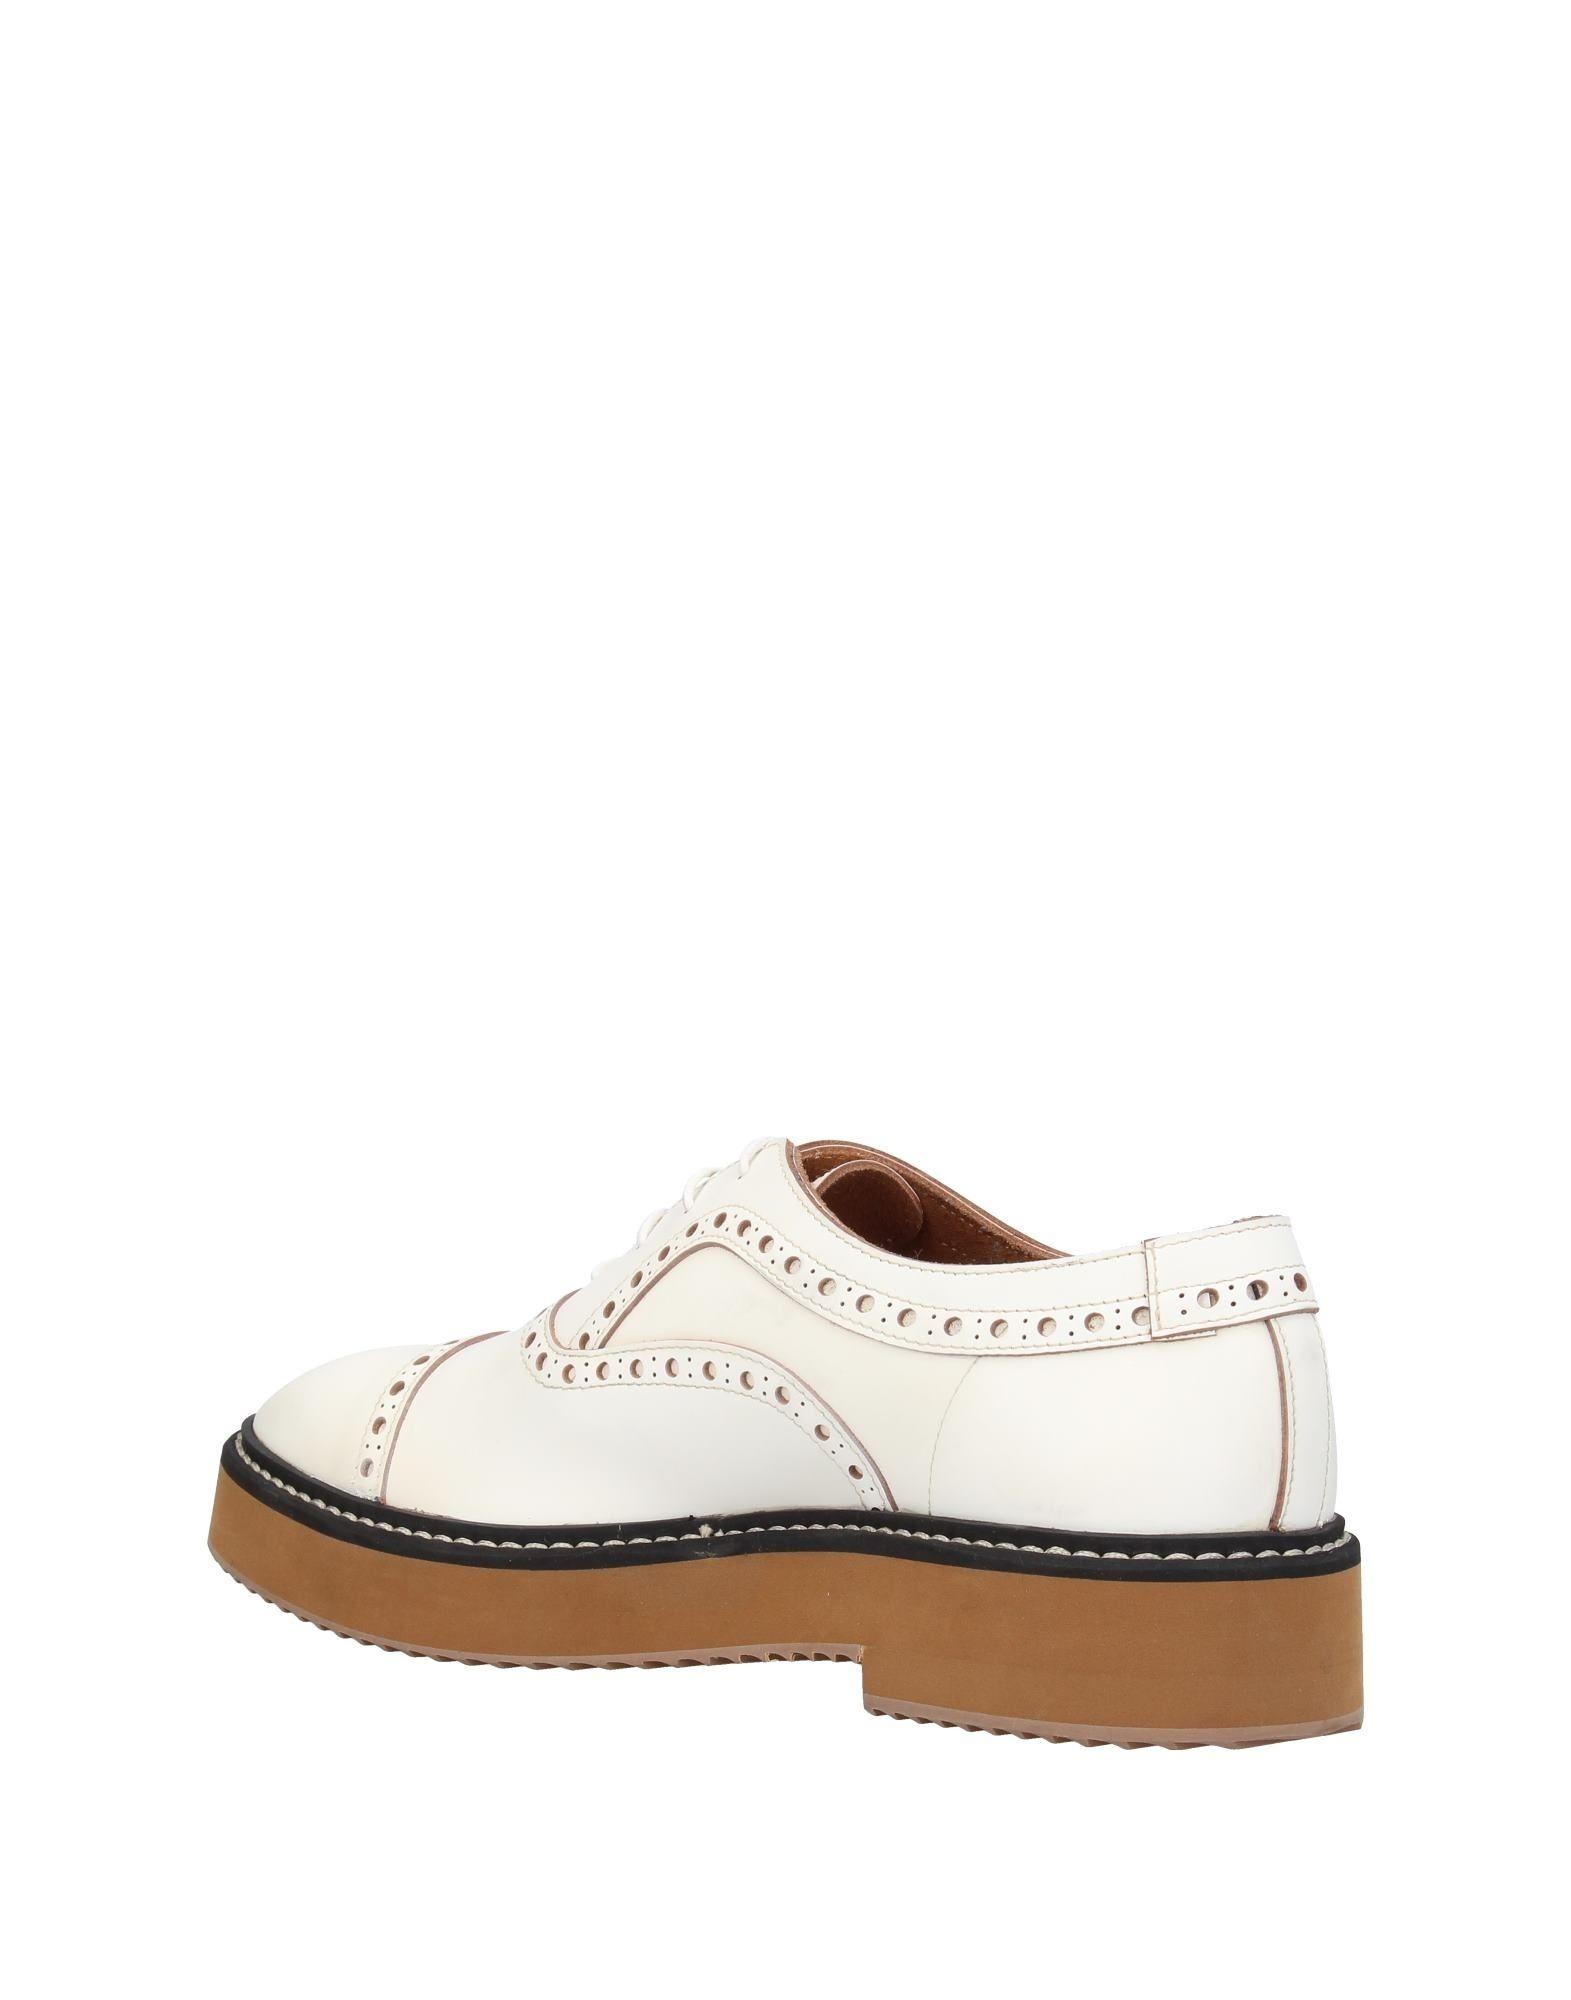 Raparo Schnürschuhe Damen  11363911KW Gute Qualität beliebte Schuhe